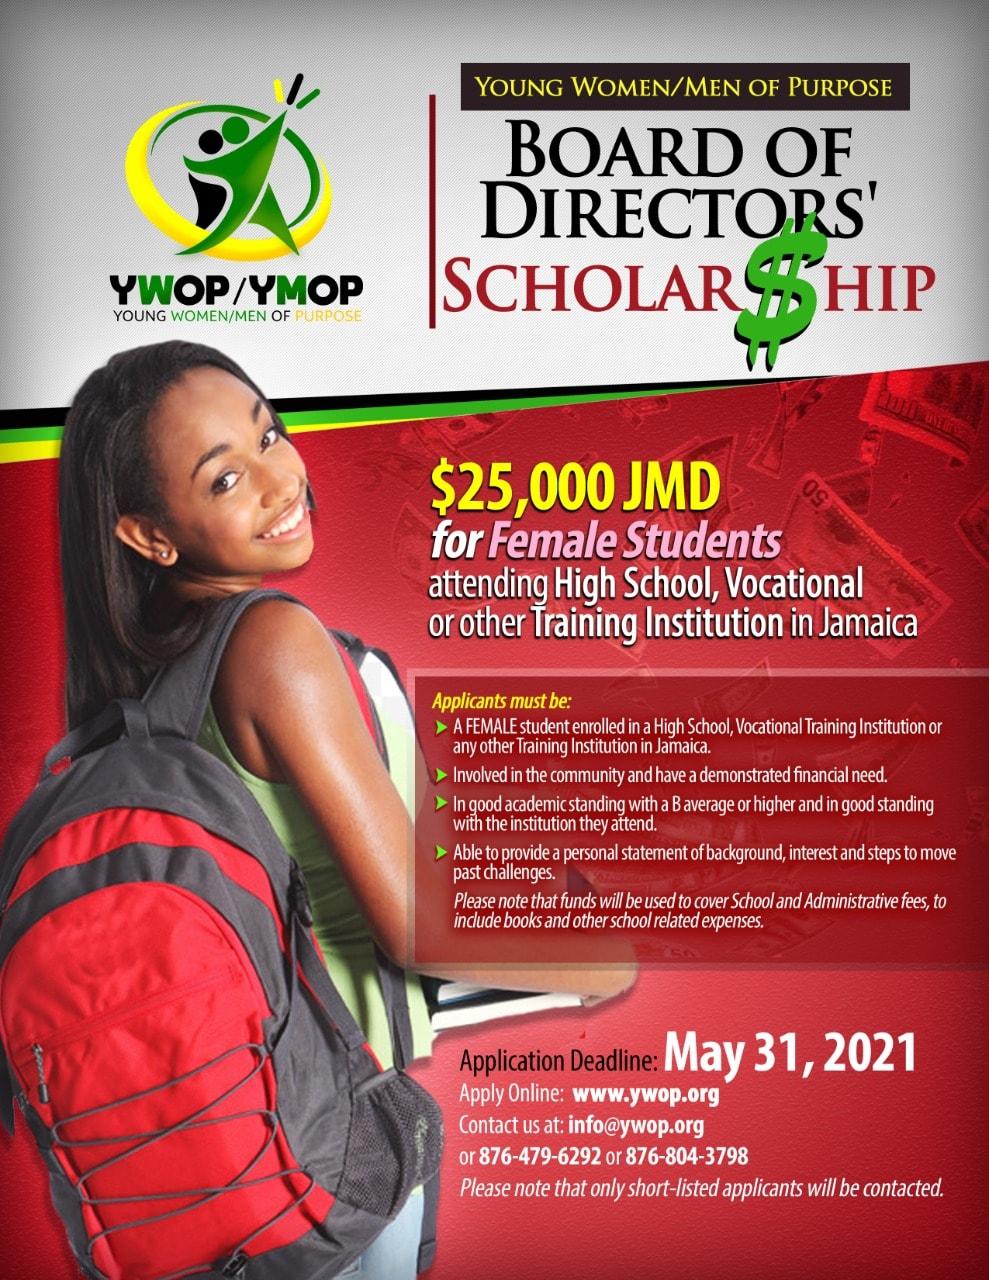 Board of Directors Scholarships